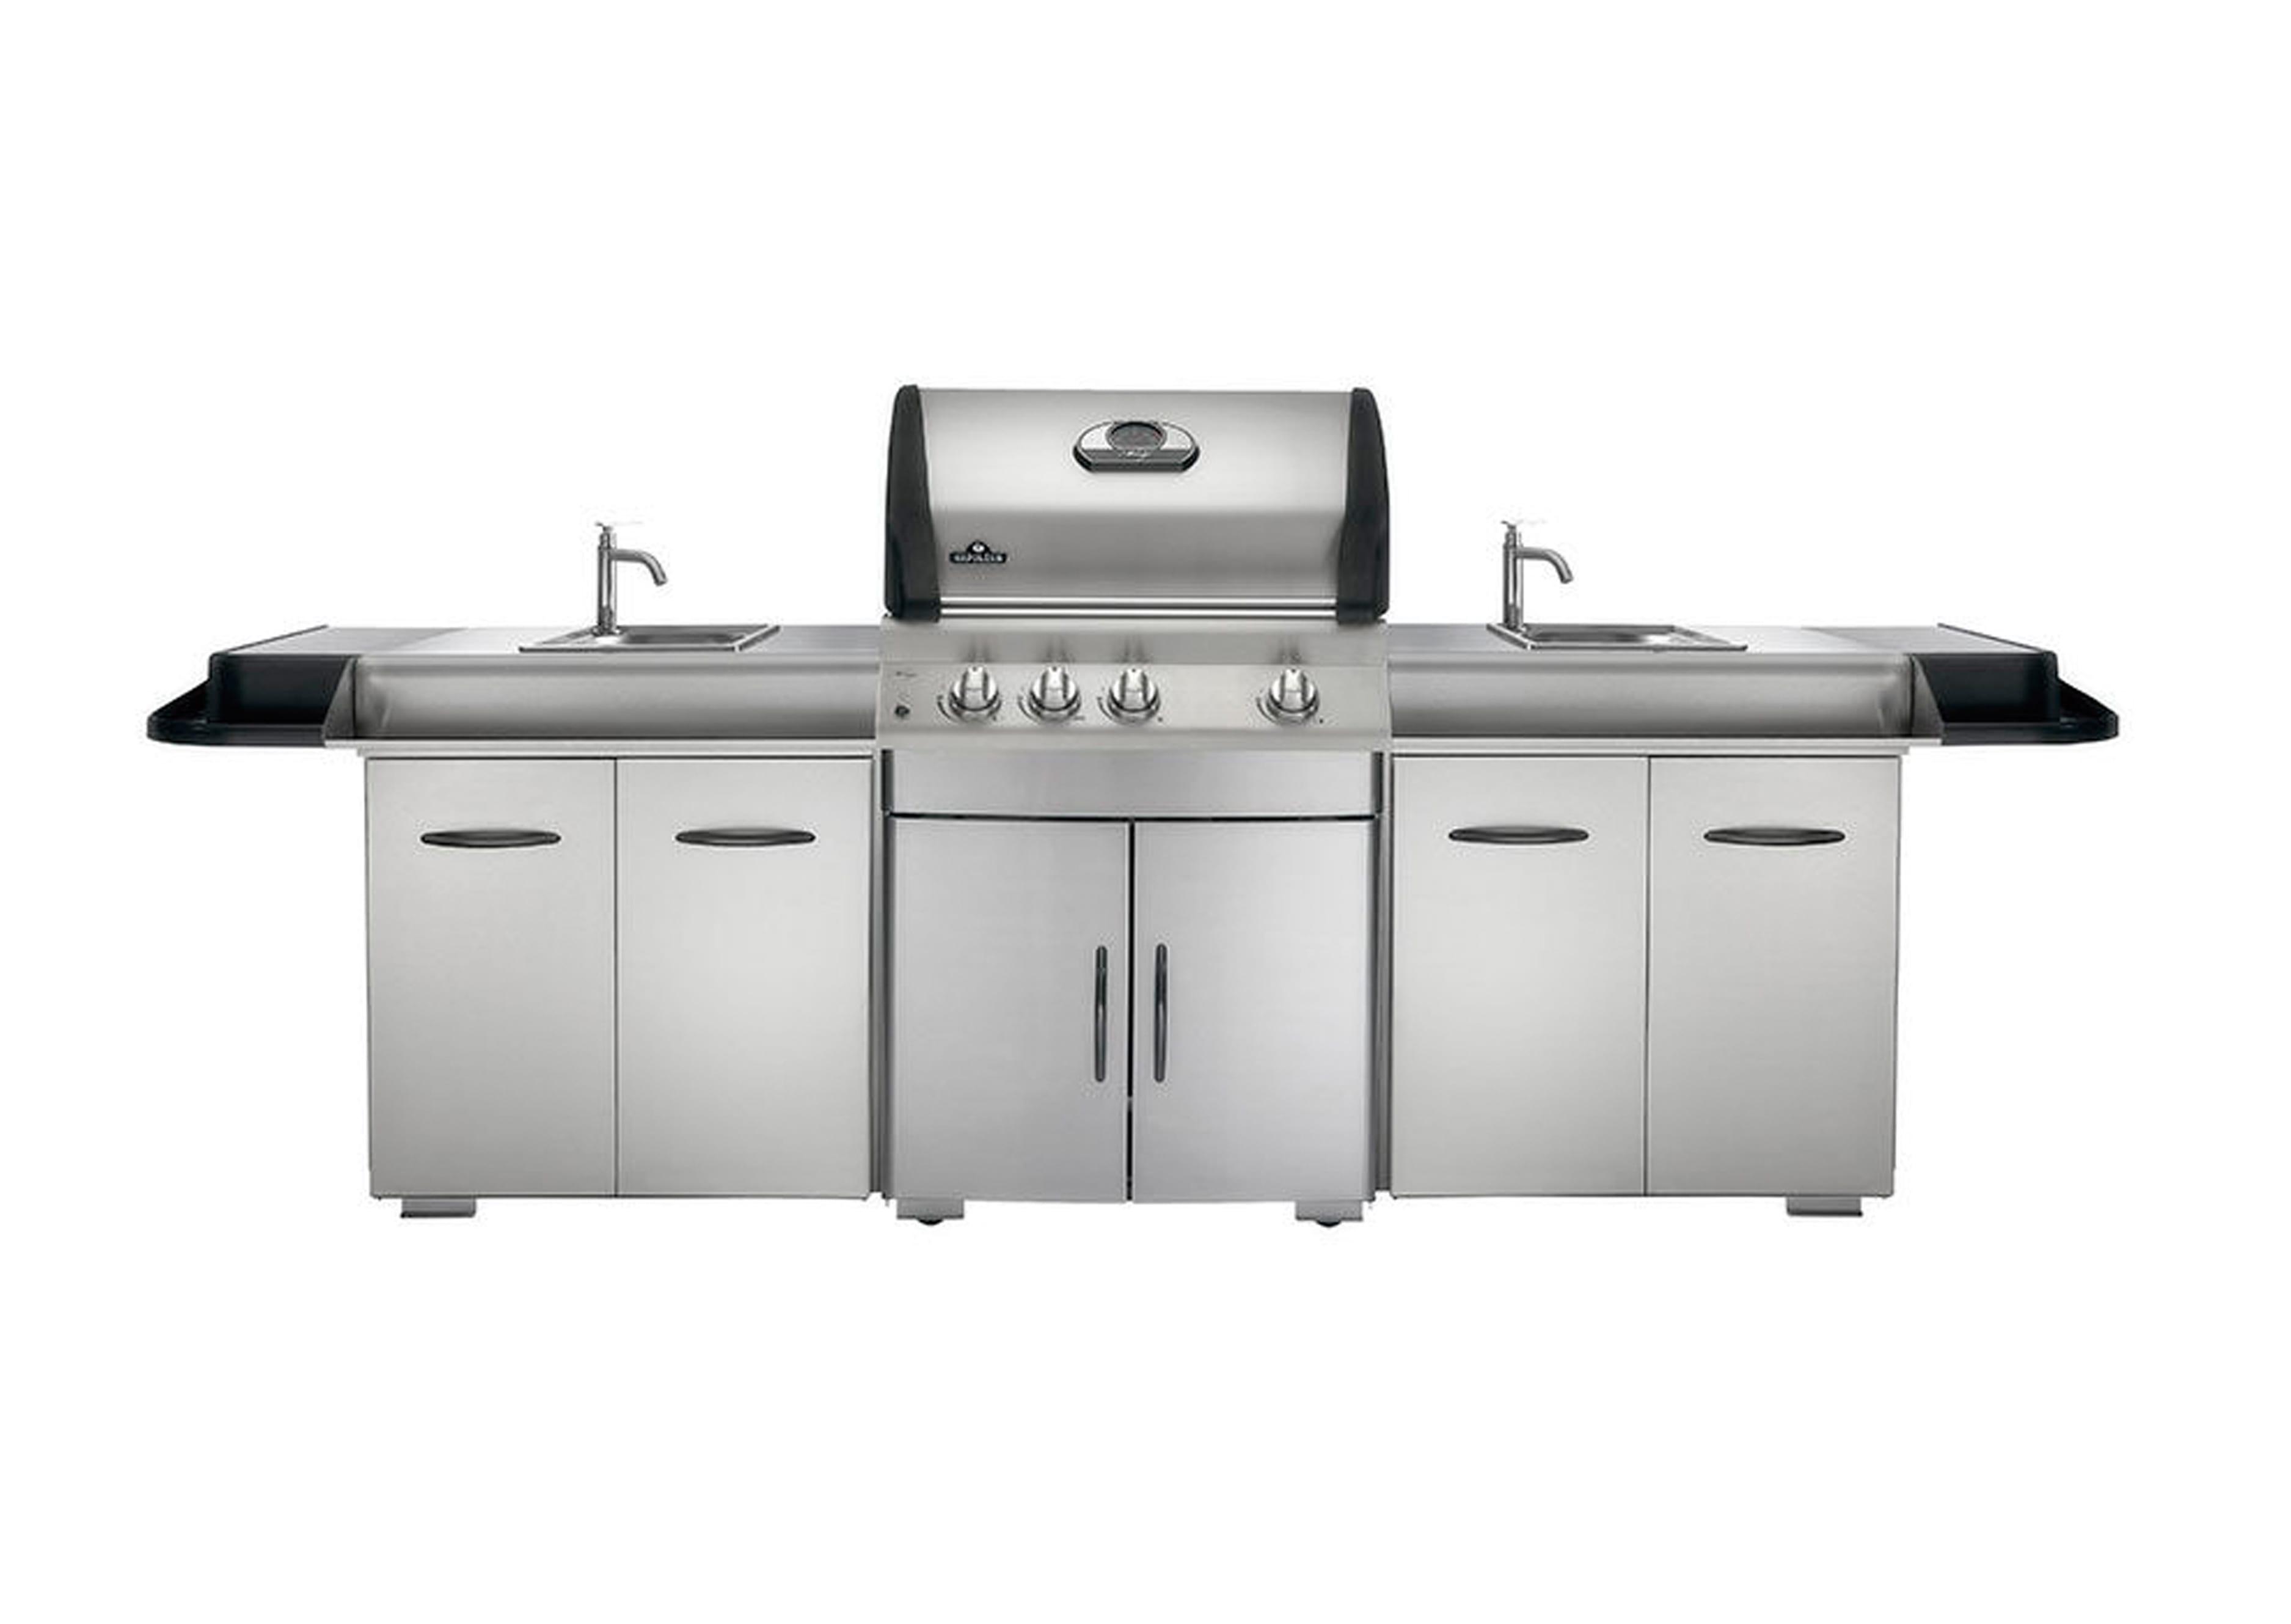 Kerti grill, nyári konyha takaróponyva